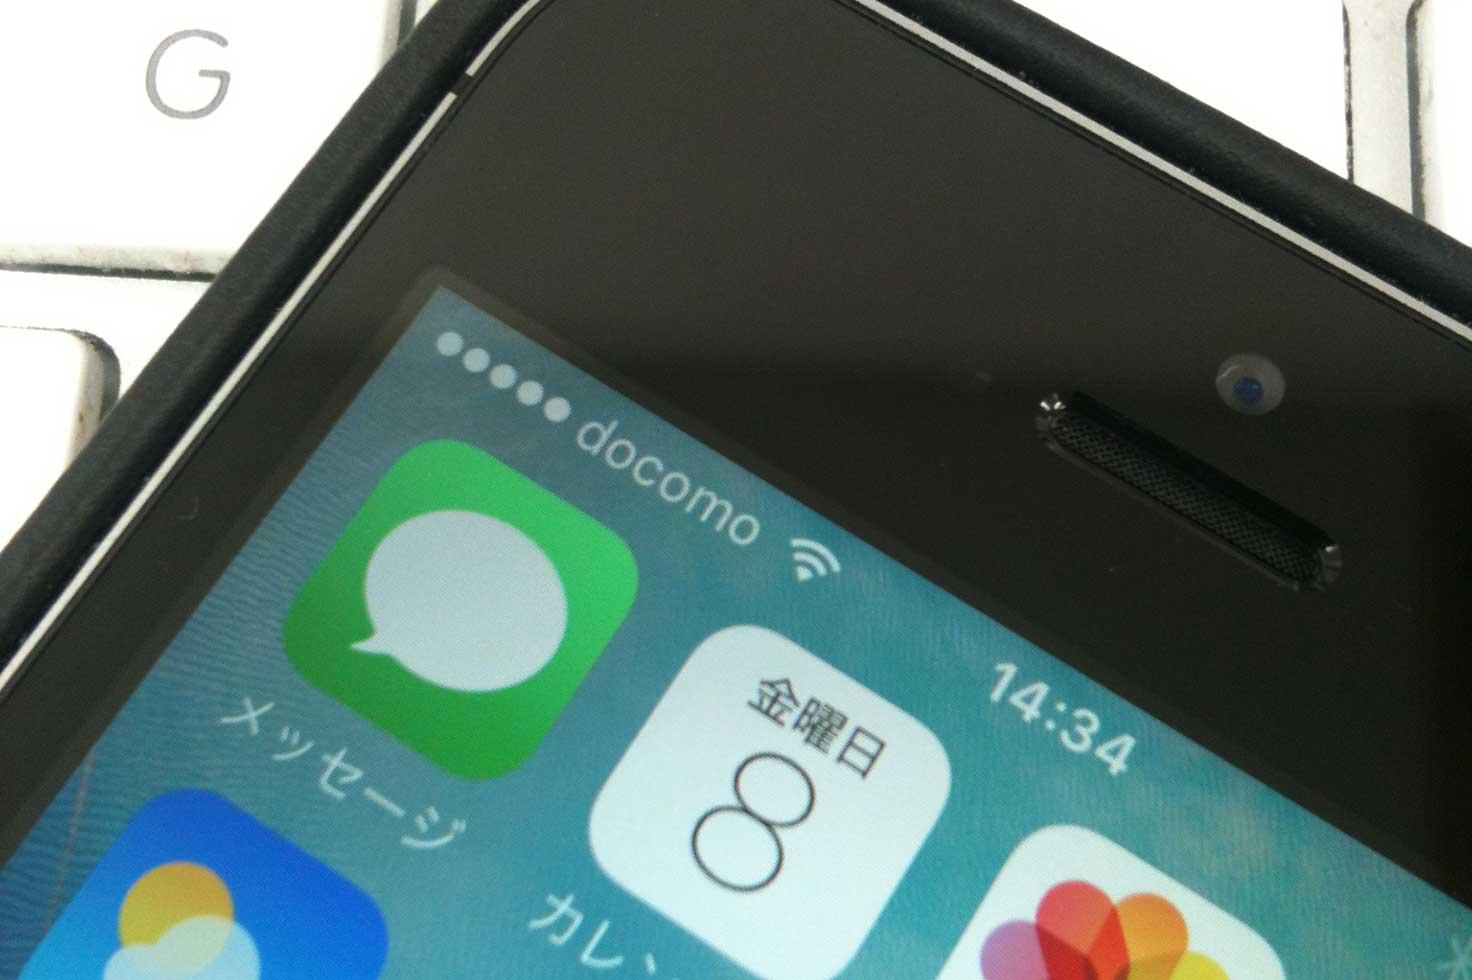 iPhone SE を買って、格安 SIM で運用することに